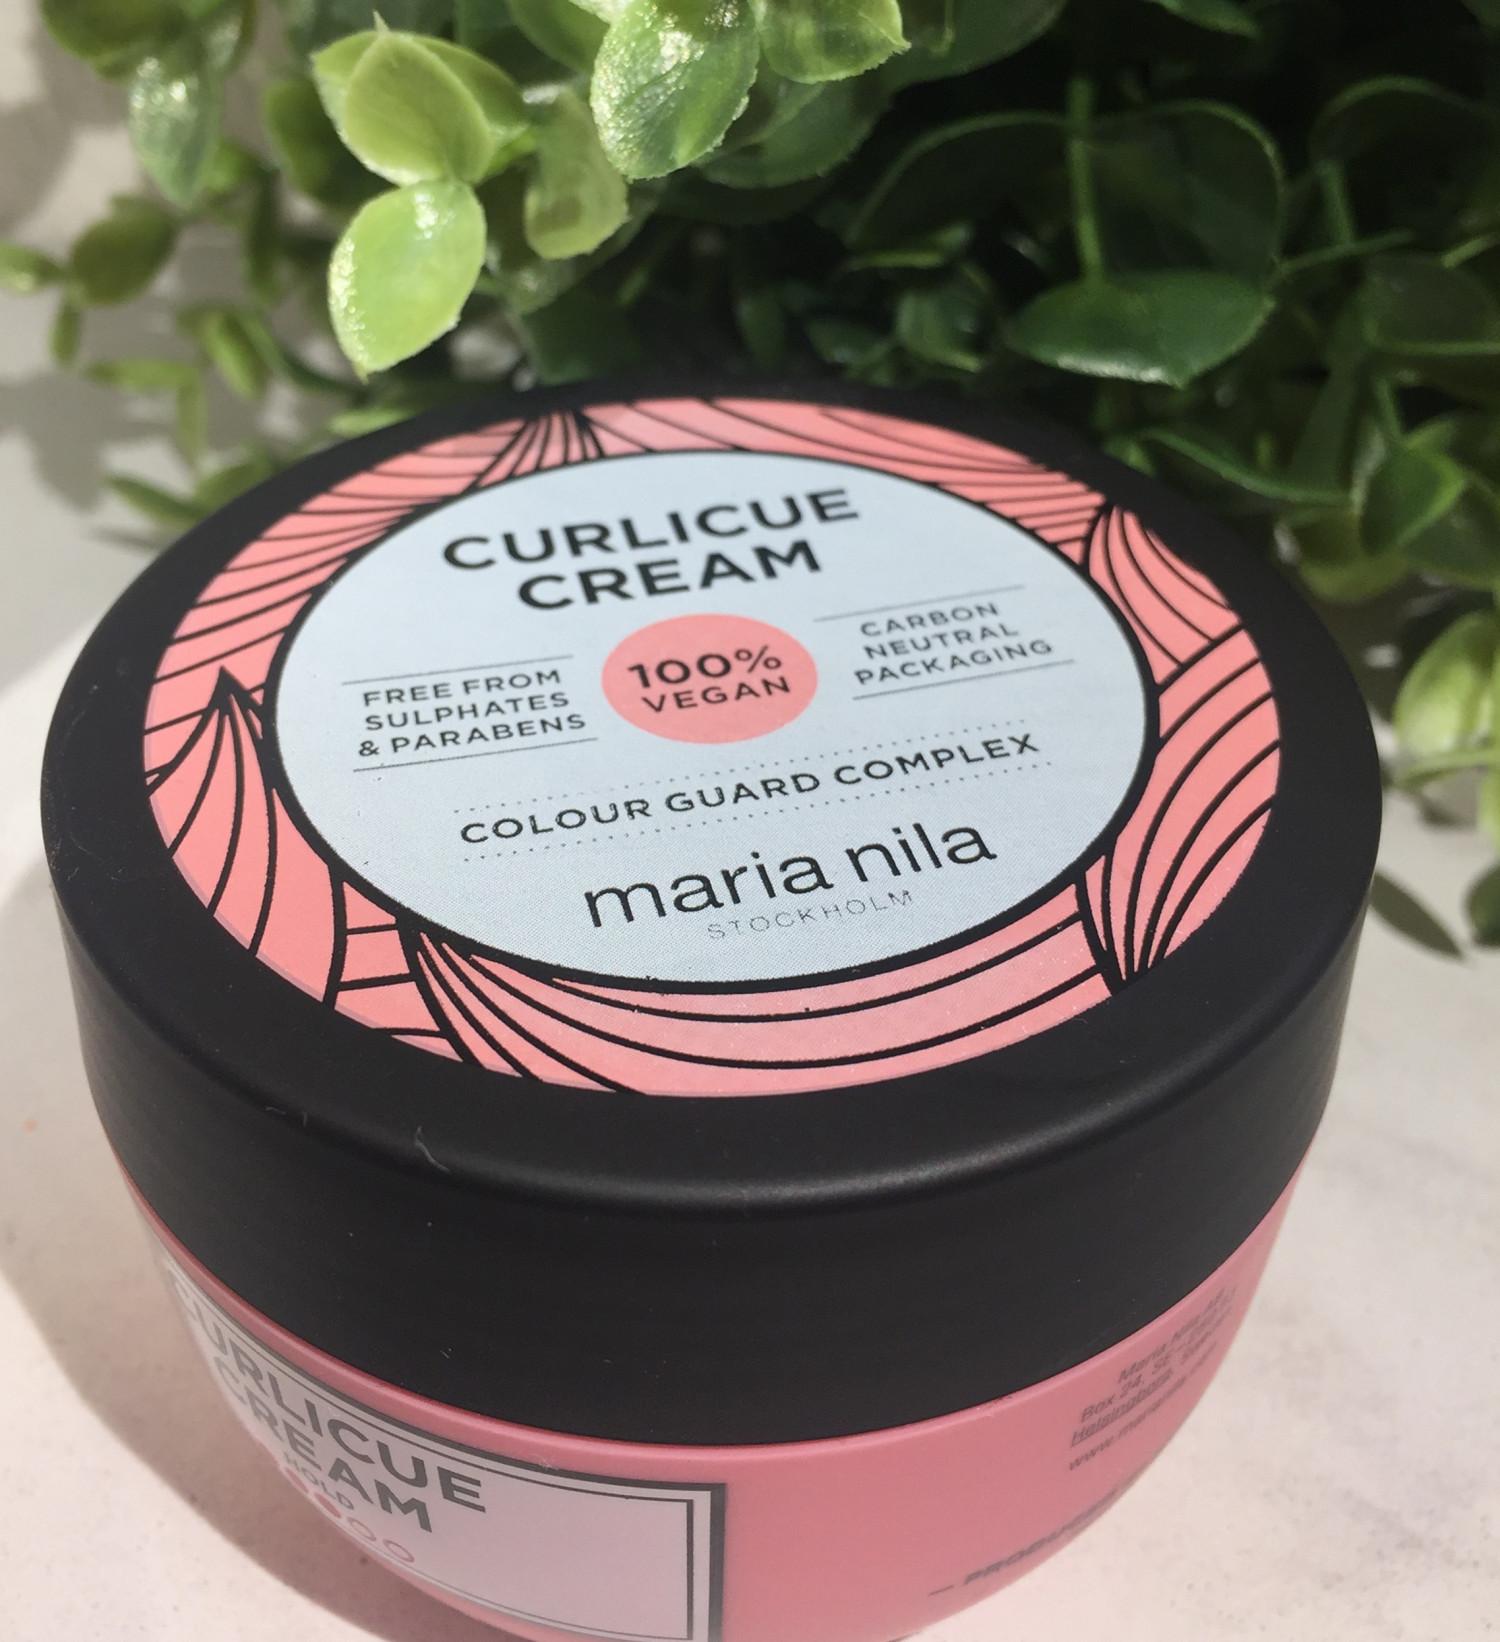 Maria Nila, Pure Volume Shampoo, Cream Heat Spray, Curlique Cream, Krummeskrummelurer, Krummes Krummelurer, Krumme tester, Billigvoks, Biligvoks.dk,